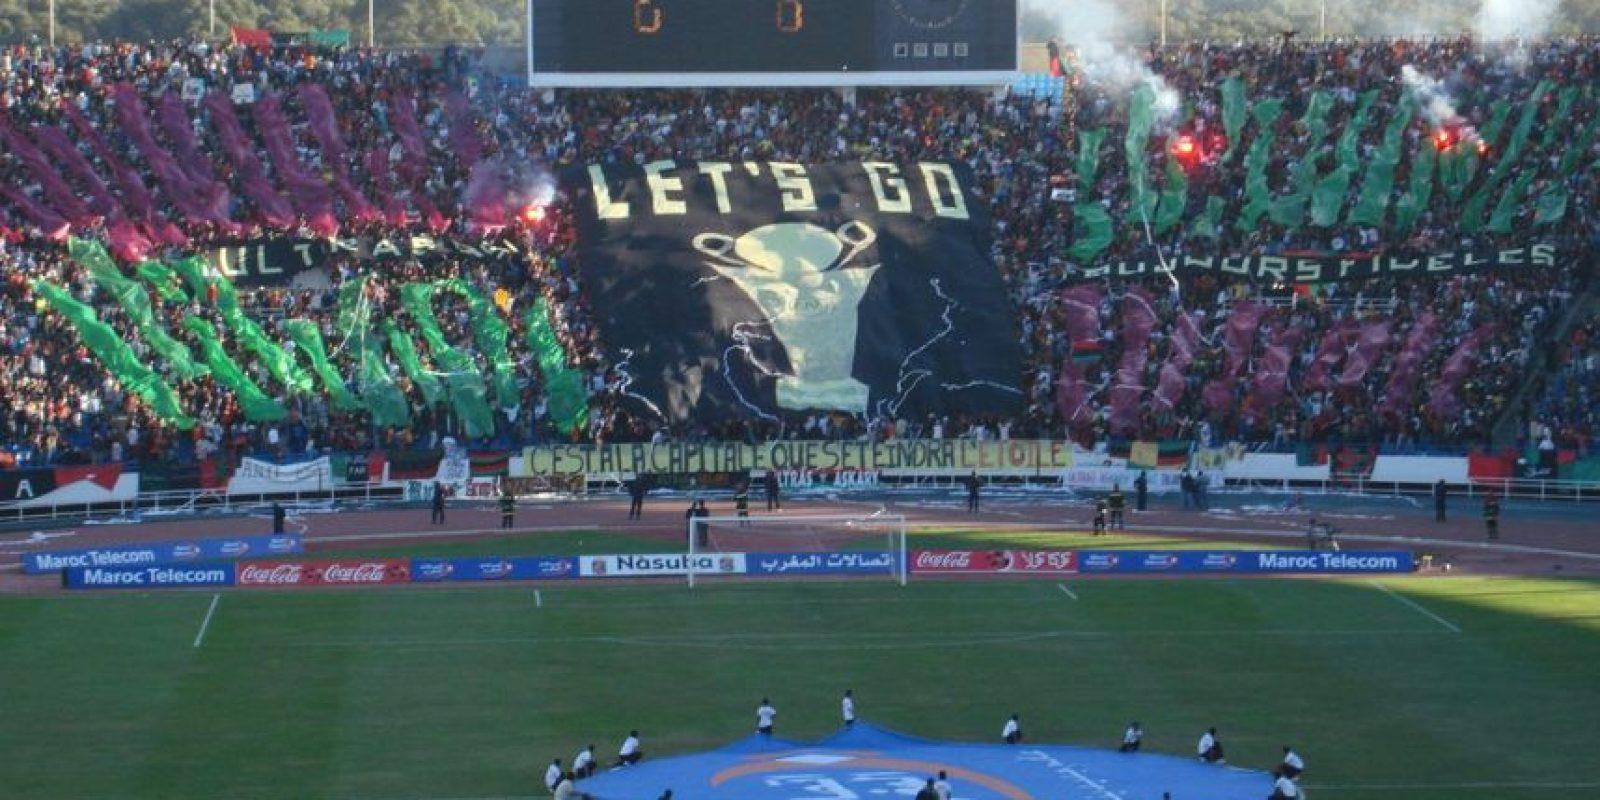 Y el partido de semifinales se jugará en el Estadio de Marrakech, la otra sede del Mundial de Clubes Foto:Wikipedia